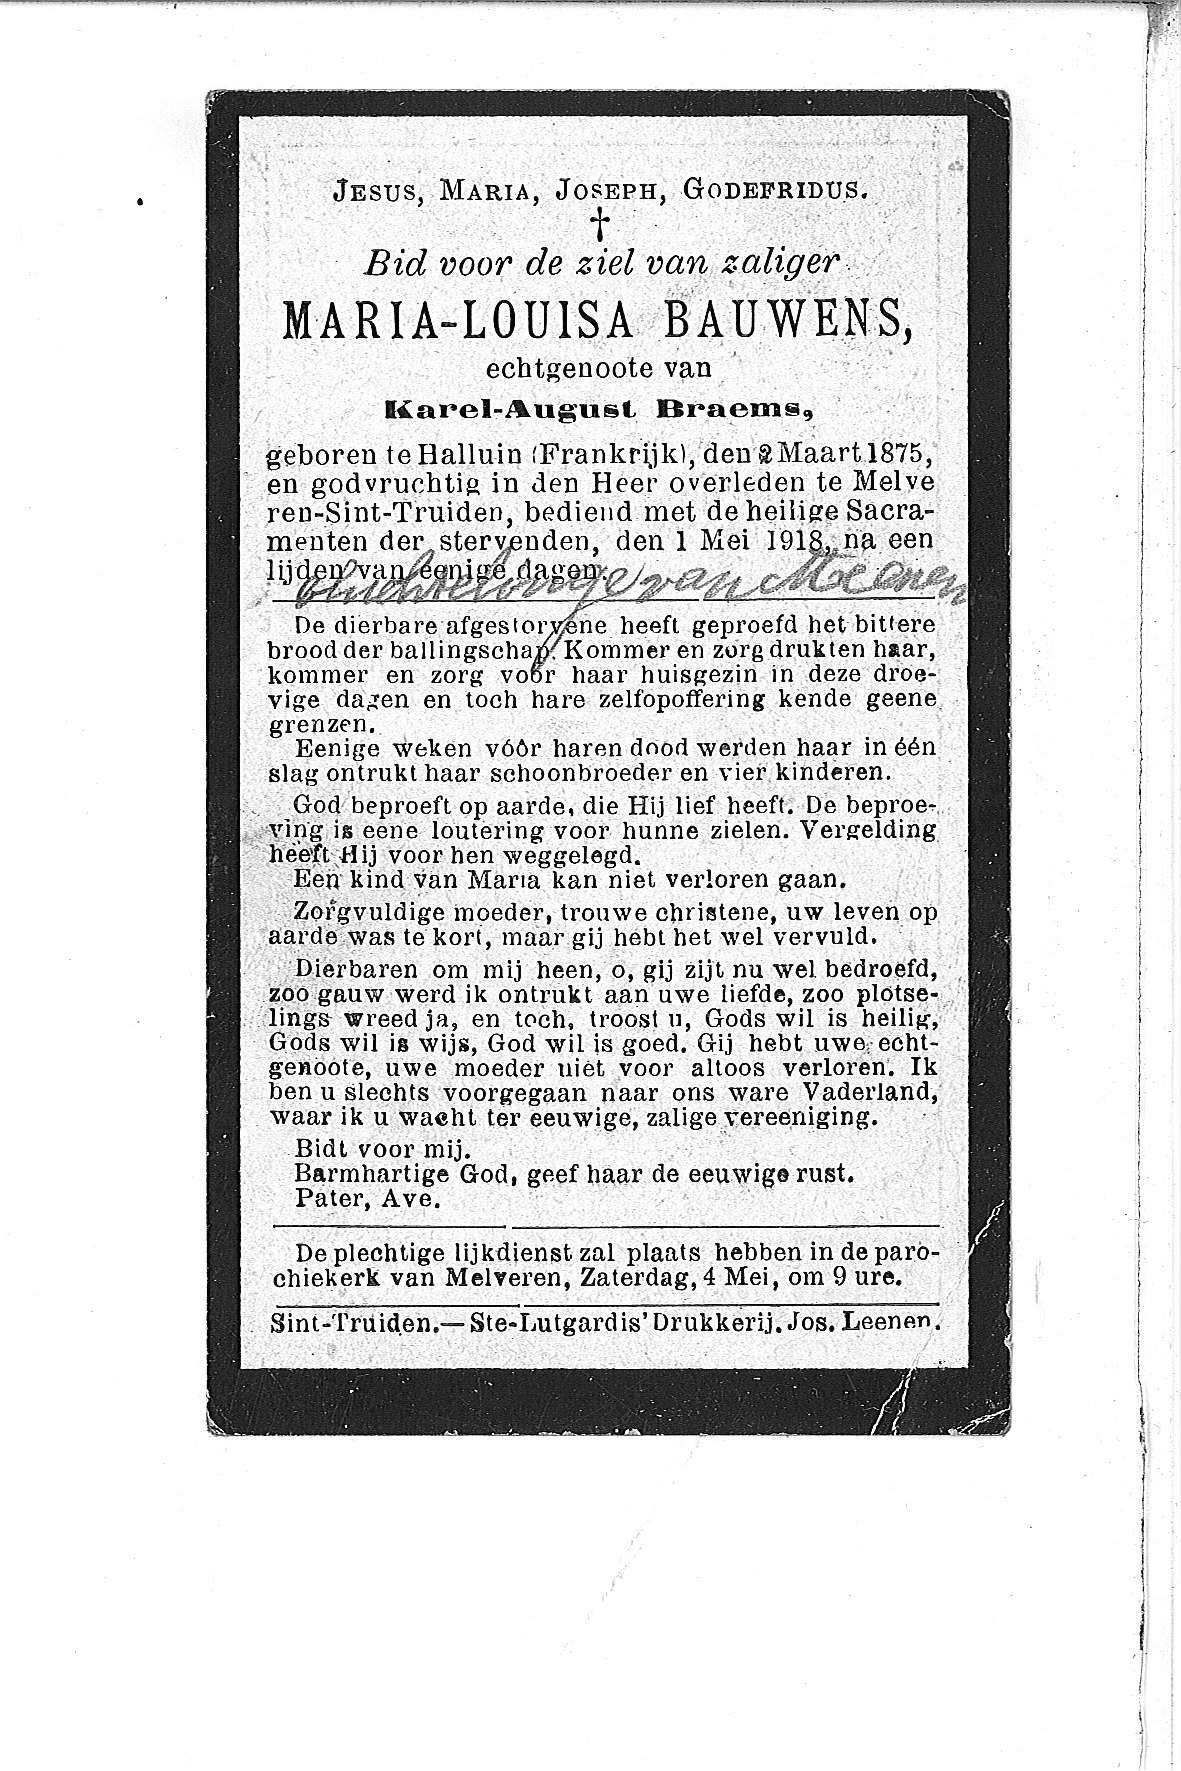 Maria-Louisa(1918)20101103090301_00022.jpg